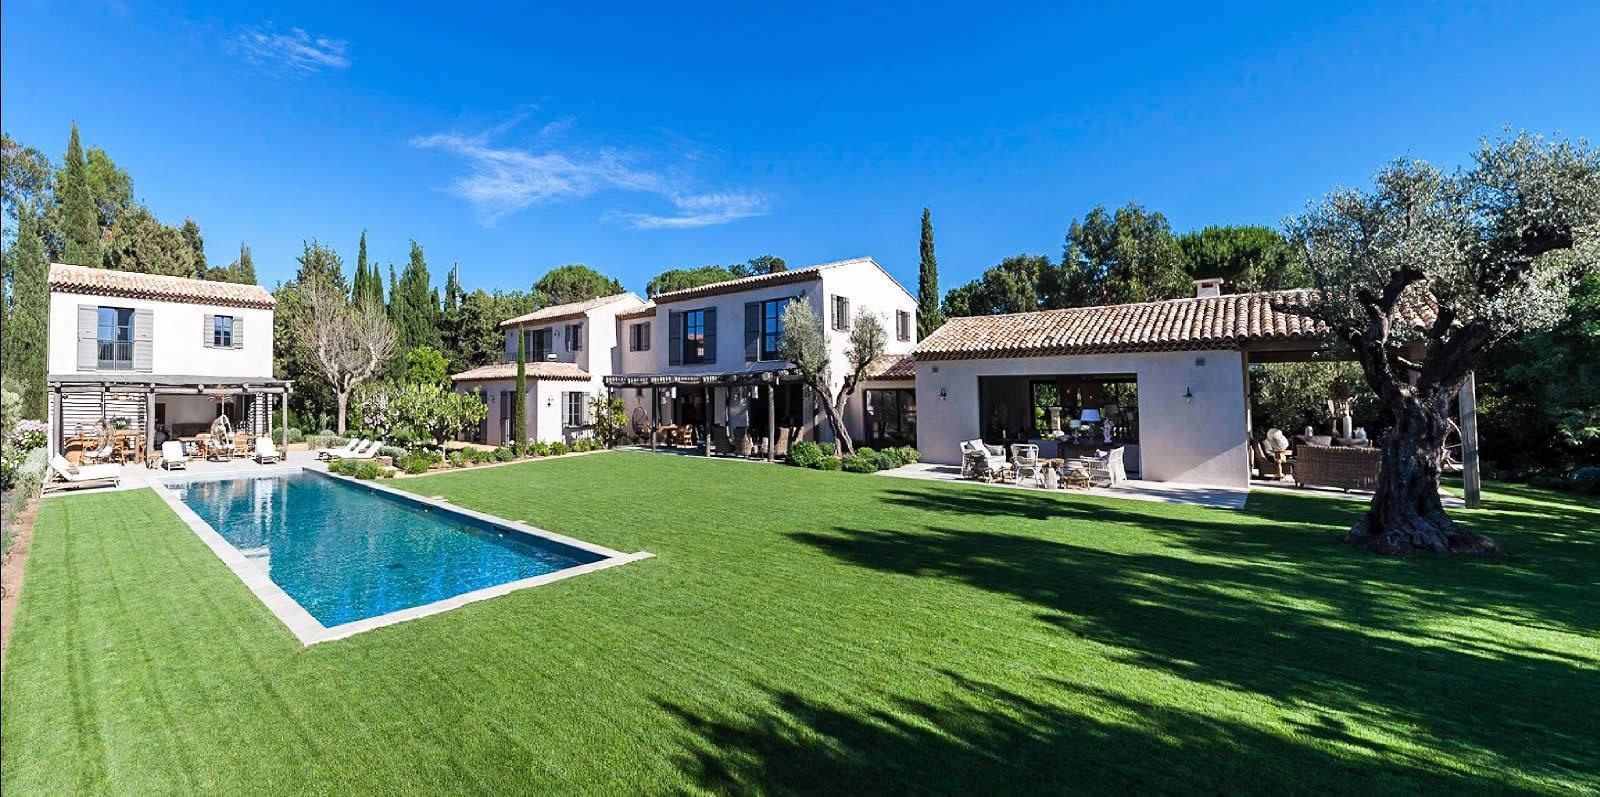 Vente Villa Luxe Corse